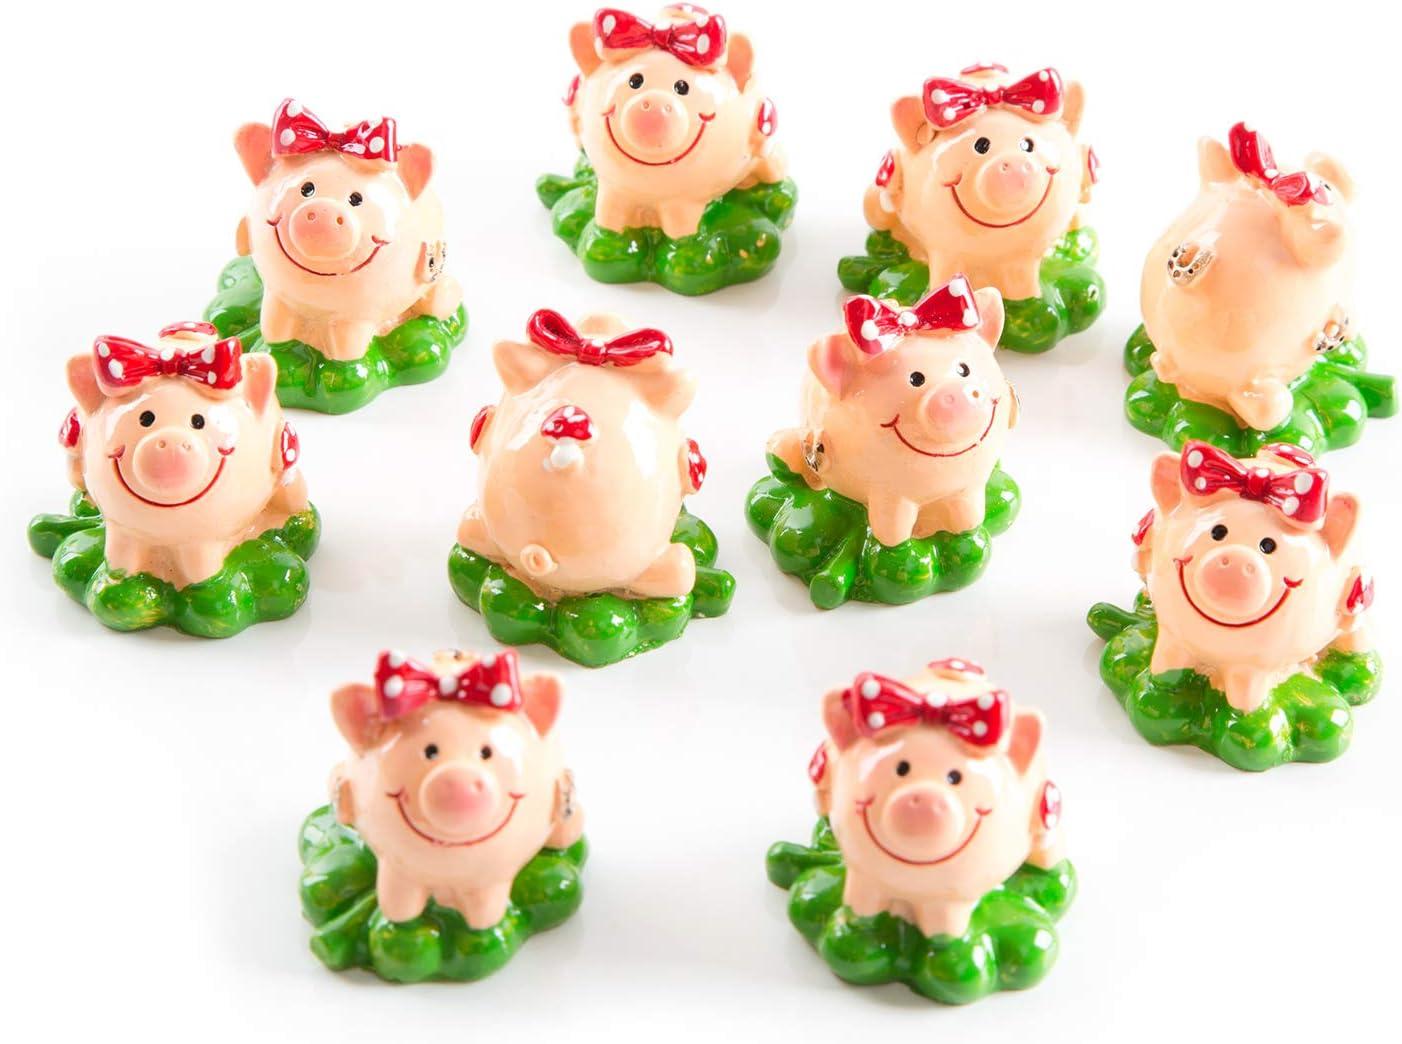 32 Glücksfiguren 4 cm Schweinchen Schornsteinfeger mit Kleeblatt Glücksbringer